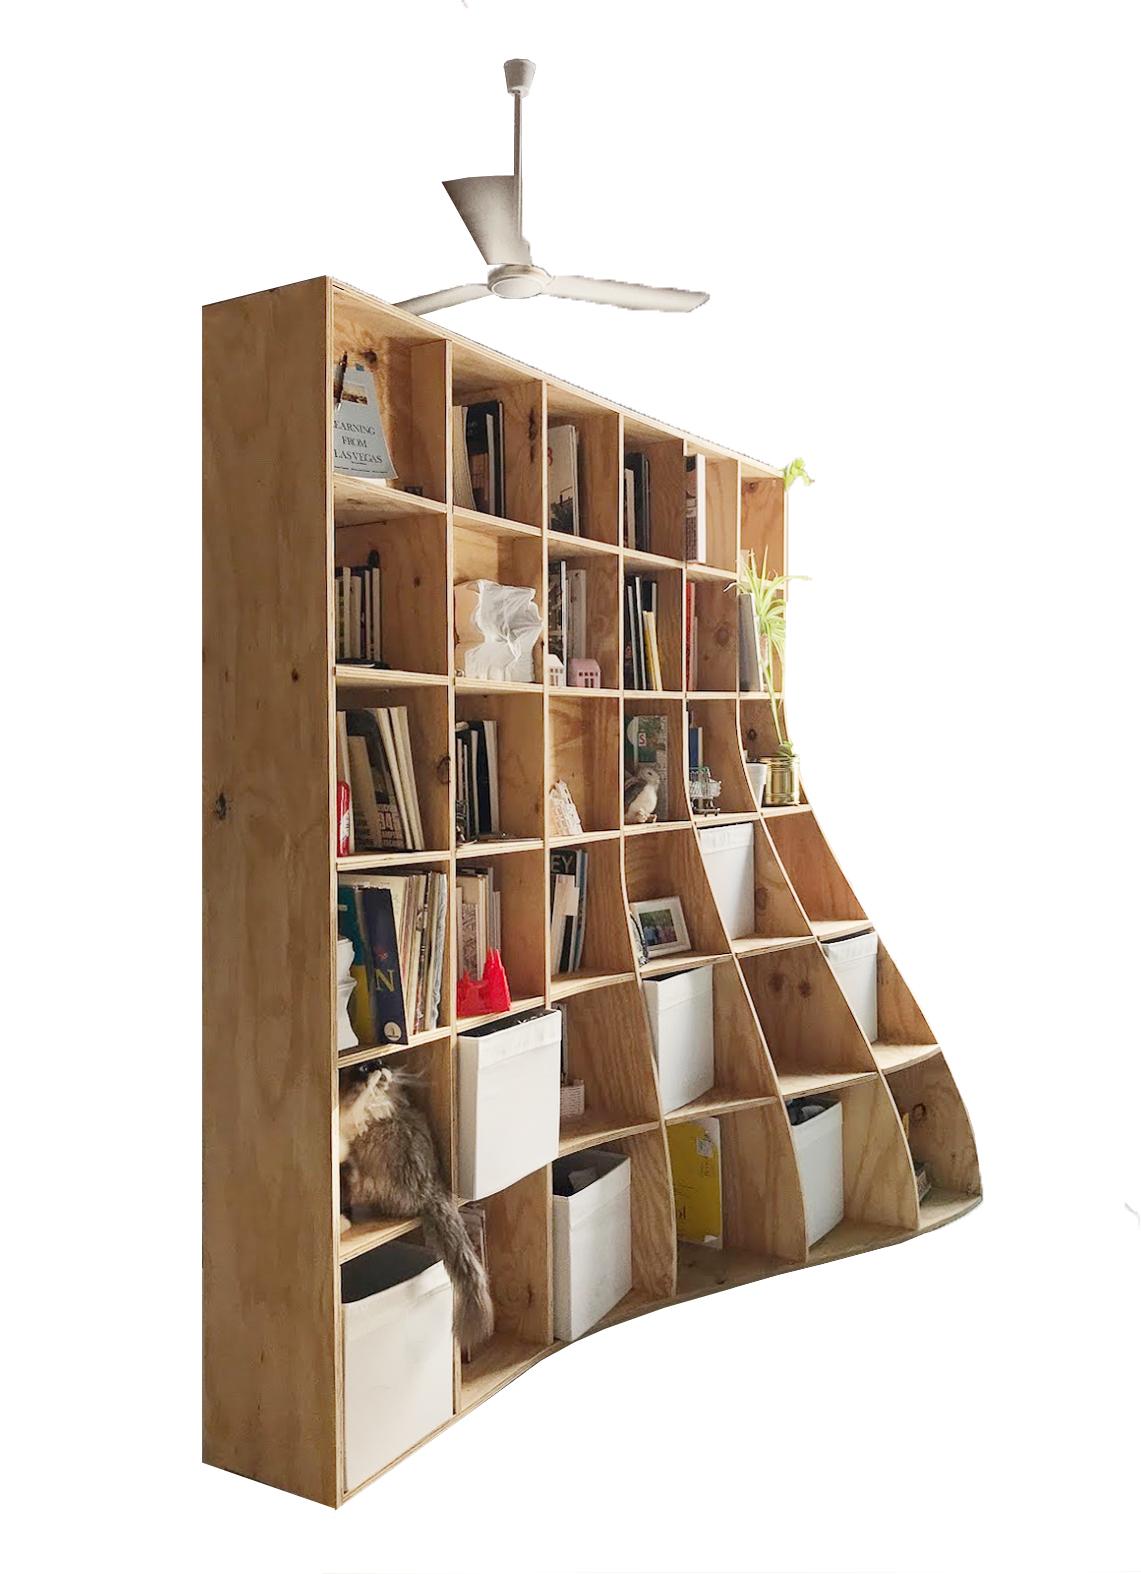 181112 Back of Shelf.jpg